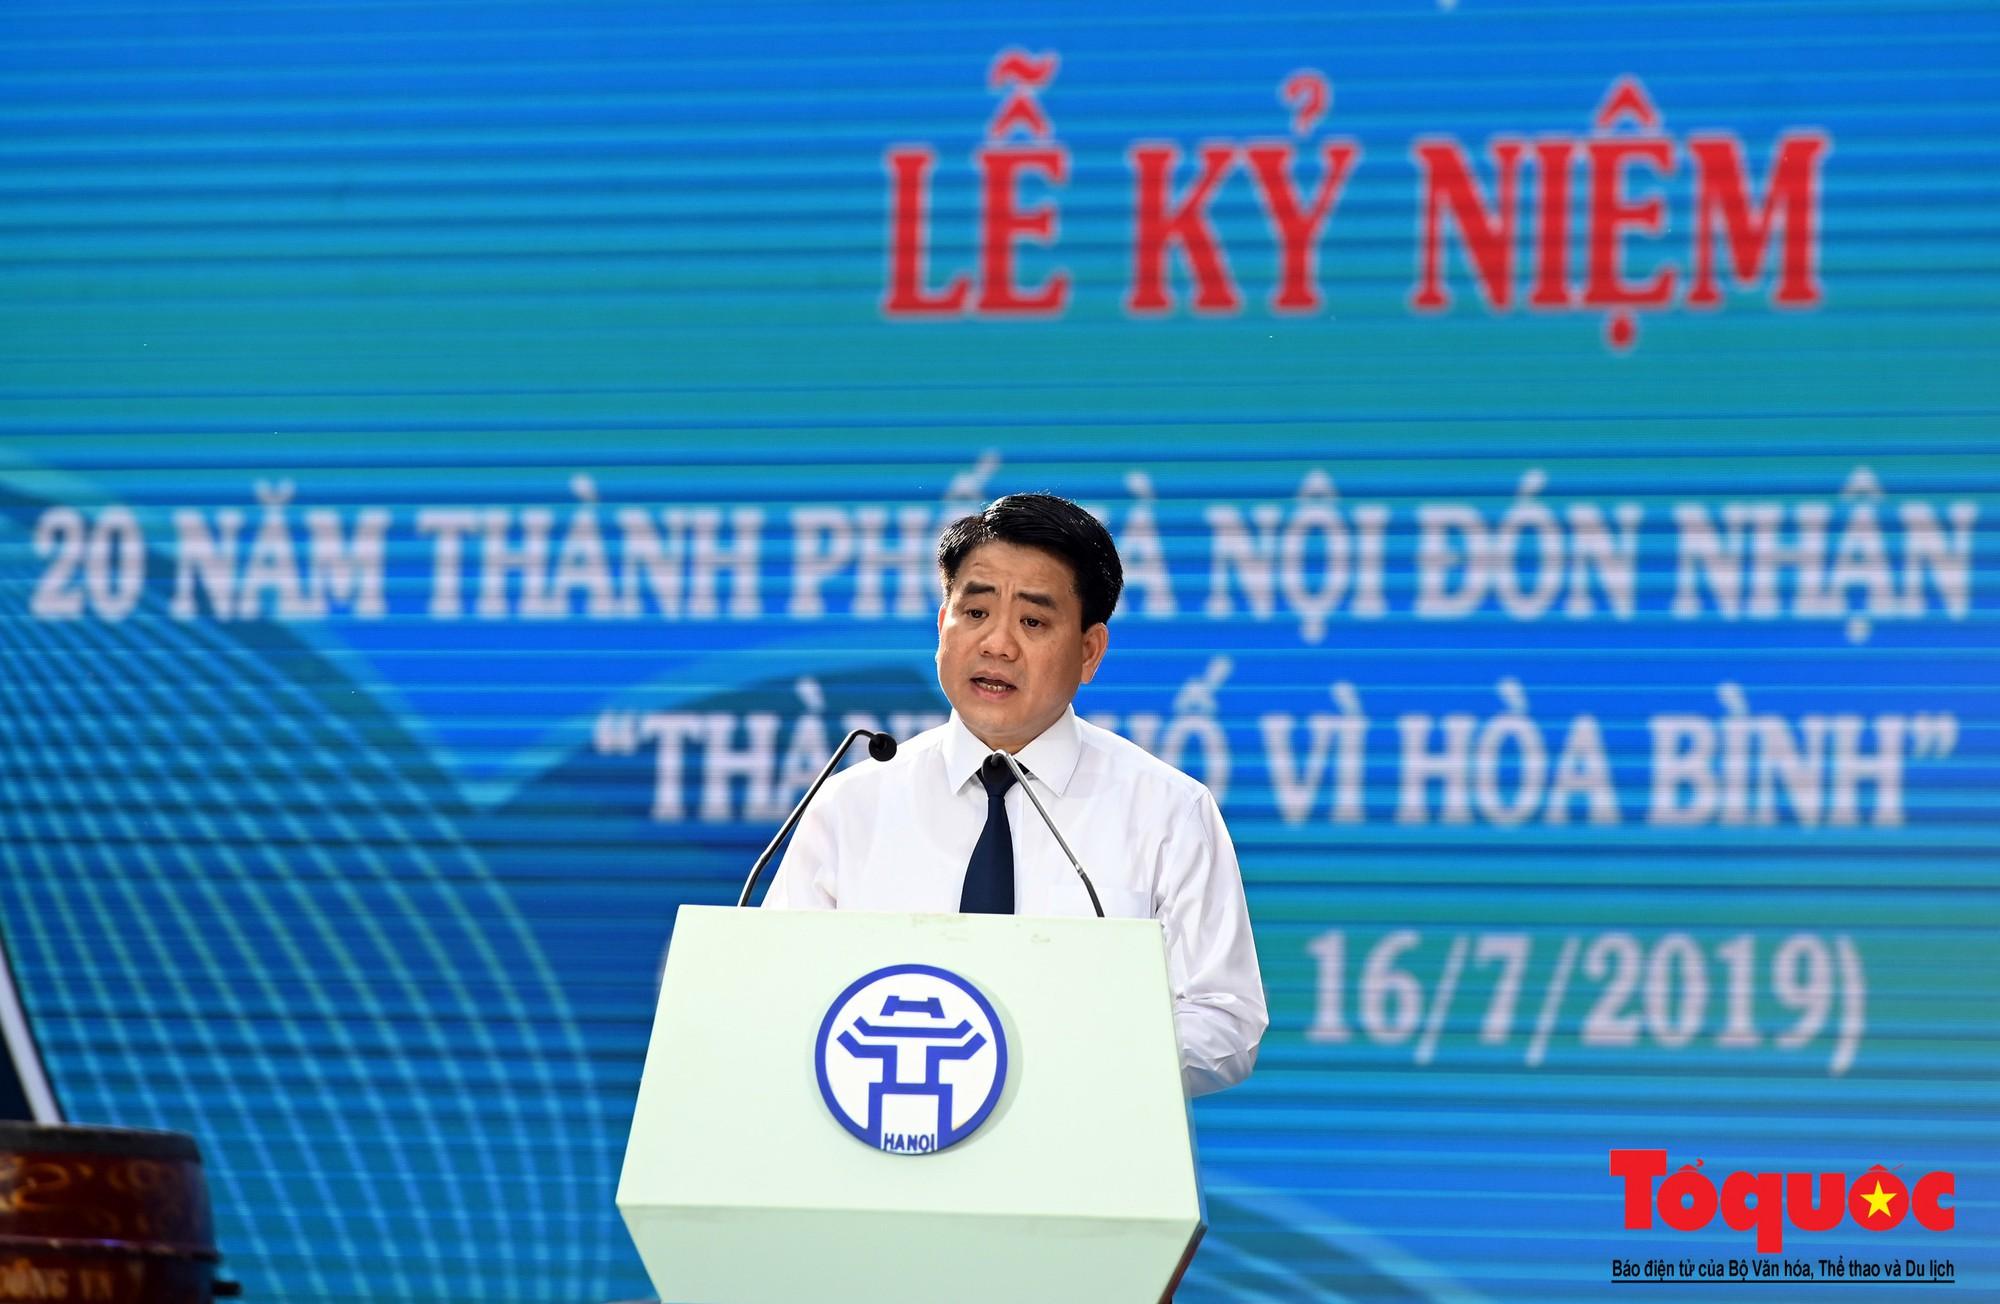 """Lễ kỷ niệm 20 năm thành phố Hà Nội đón nhận danh hiệu """"Thành phố Vì hòa bình"""" (1)"""